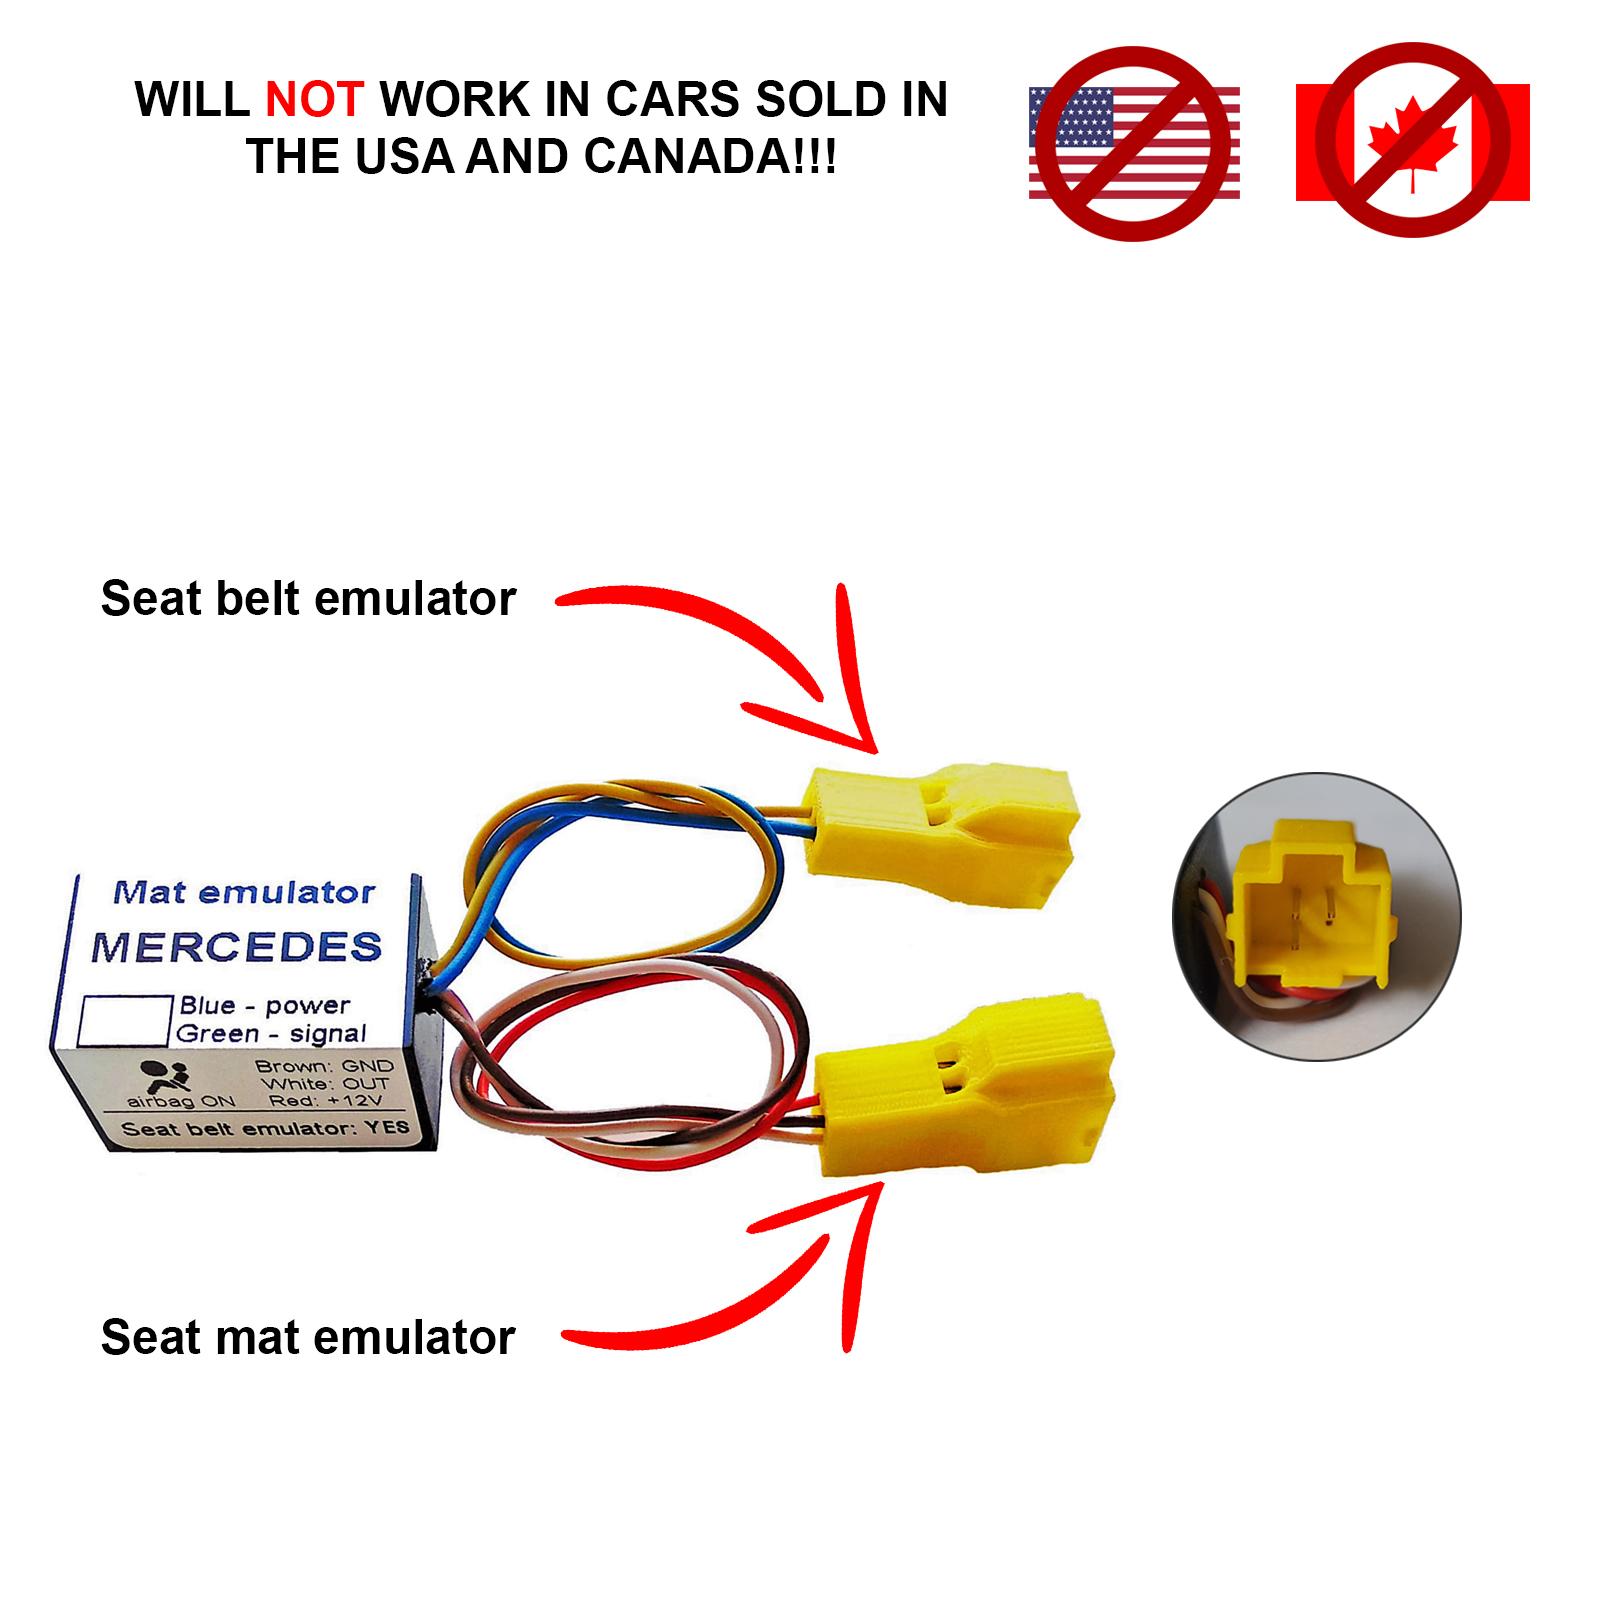 Bypass Passenger Seat Occupancy Sensor Mat Emulator For Mercedes C W203 2006-07